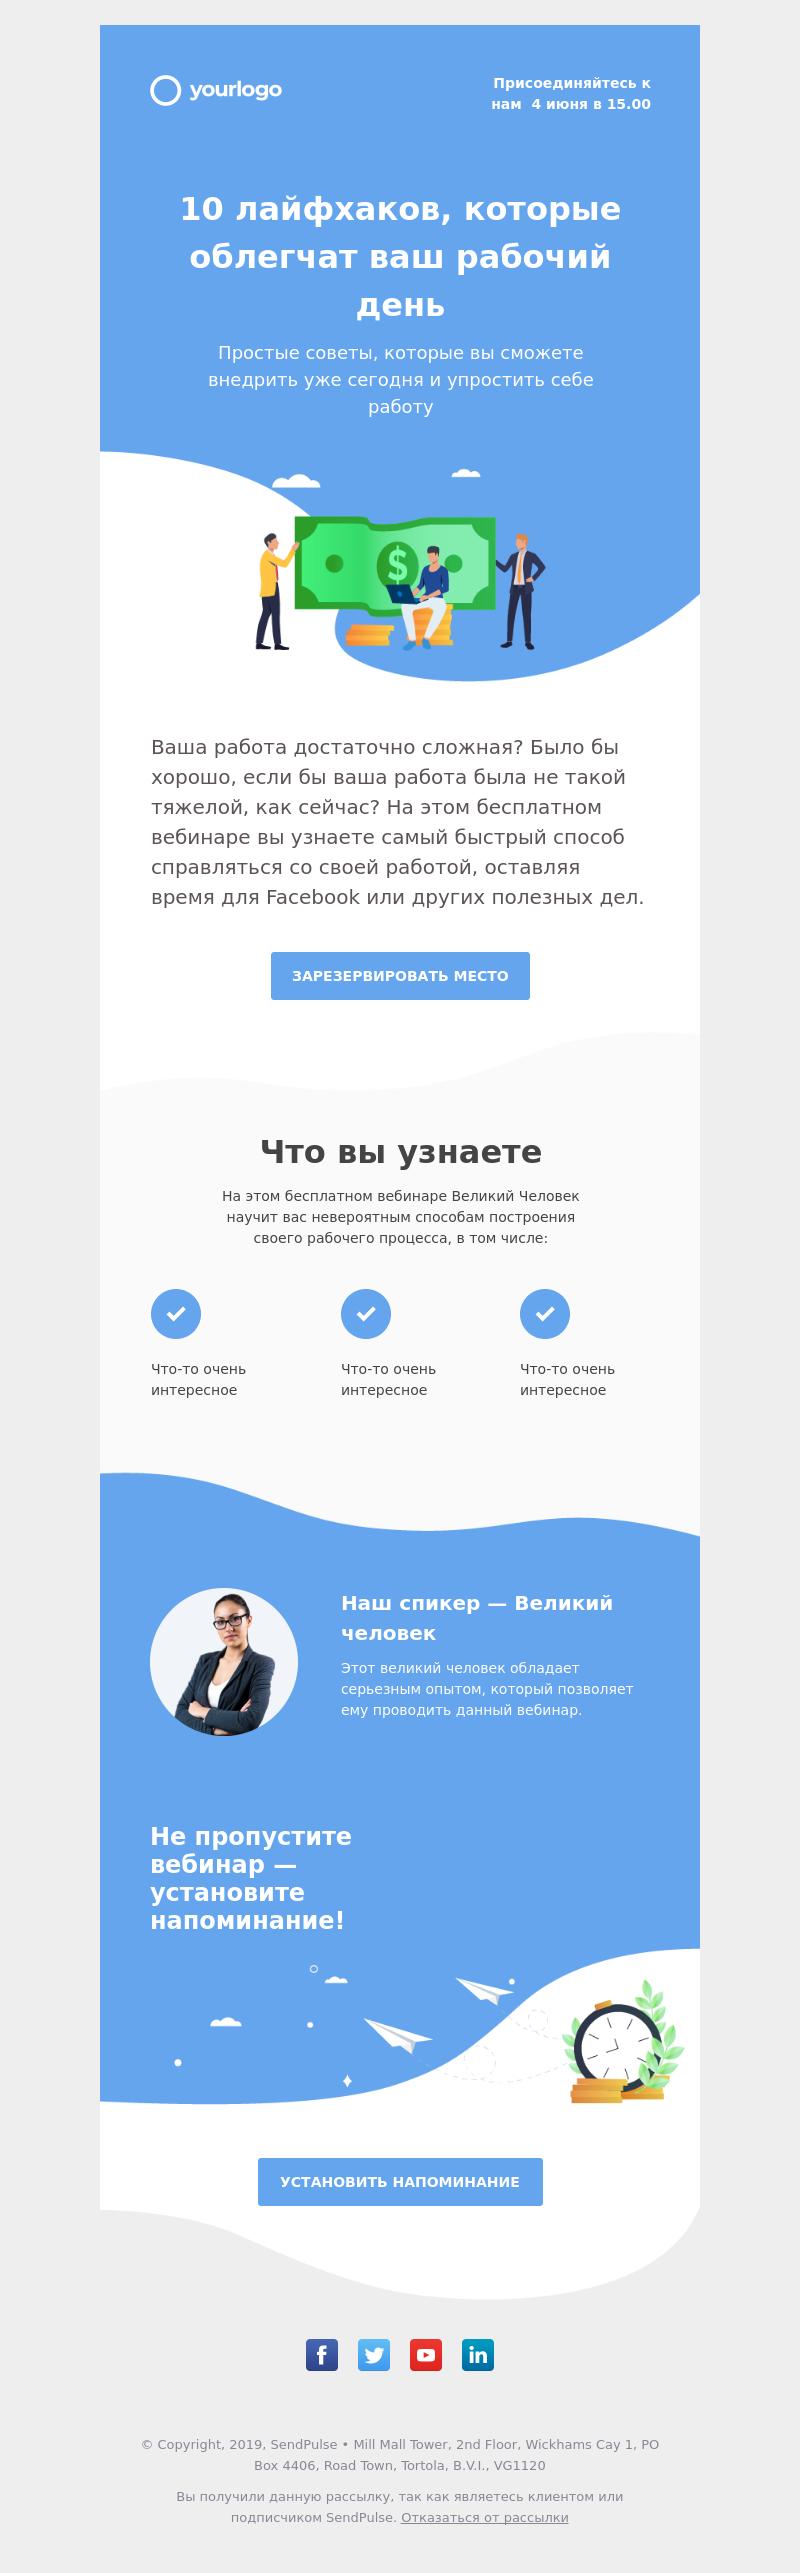 Бизнес бесплатный email-шаблон